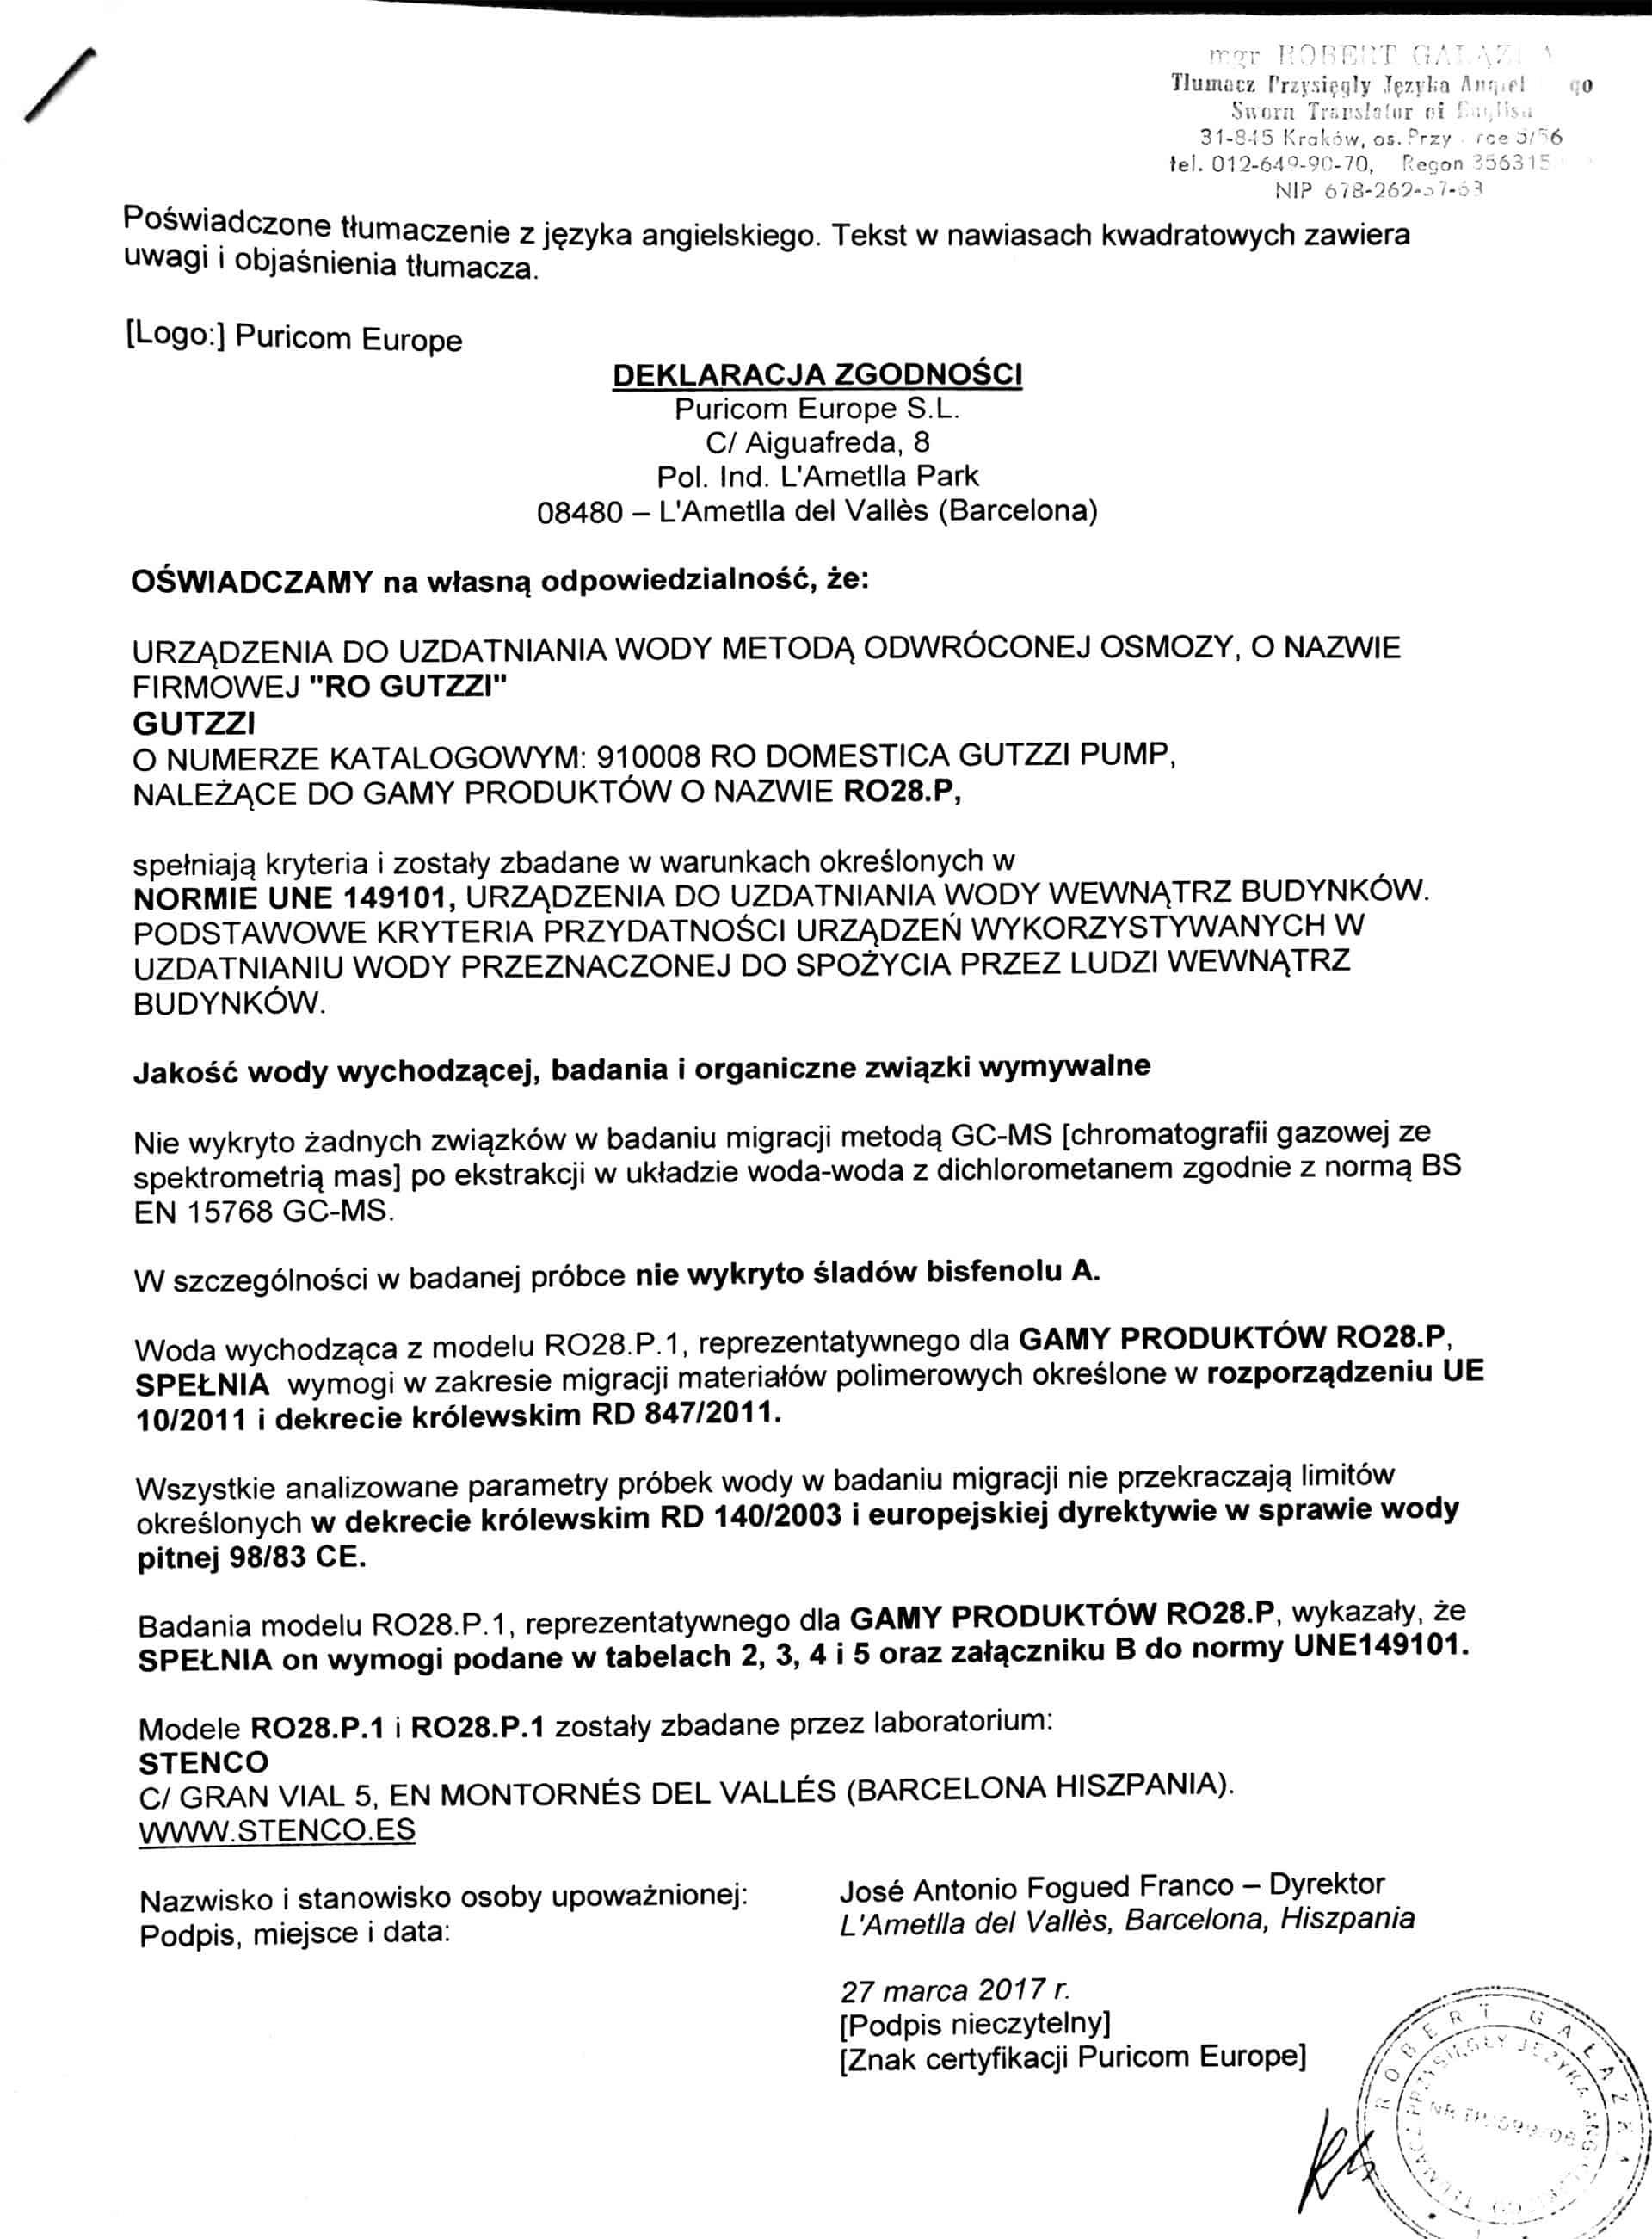 Certyfikat gutzzi 3